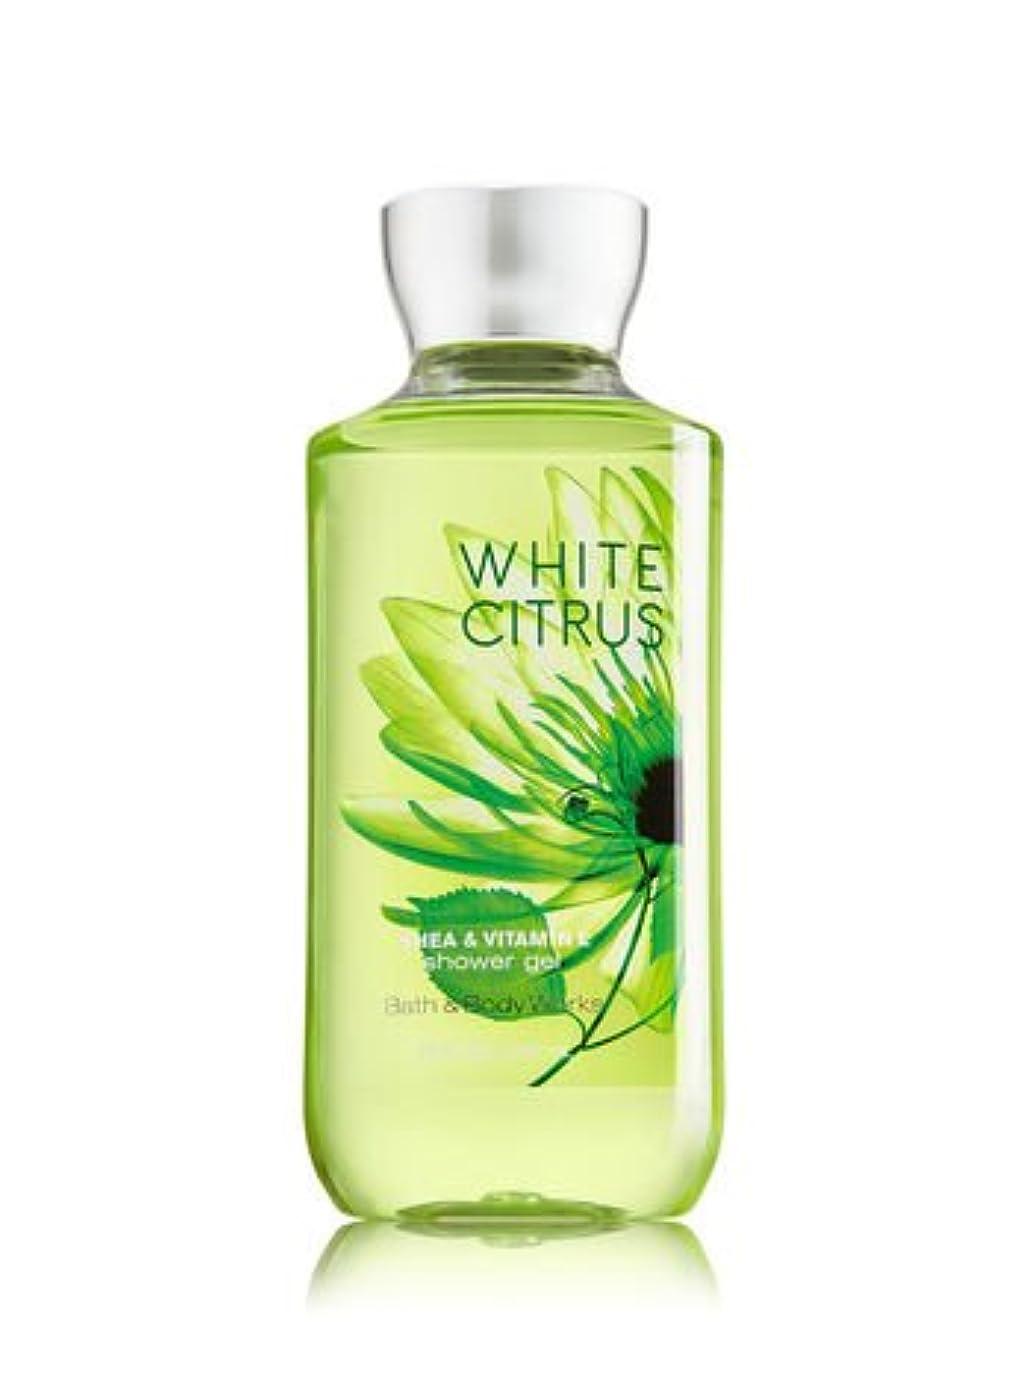 謎めいたミキサーバス&ボディワークス ホワイトシトラス シャワージェル White Citrus Shower Gel [並行輸入品]